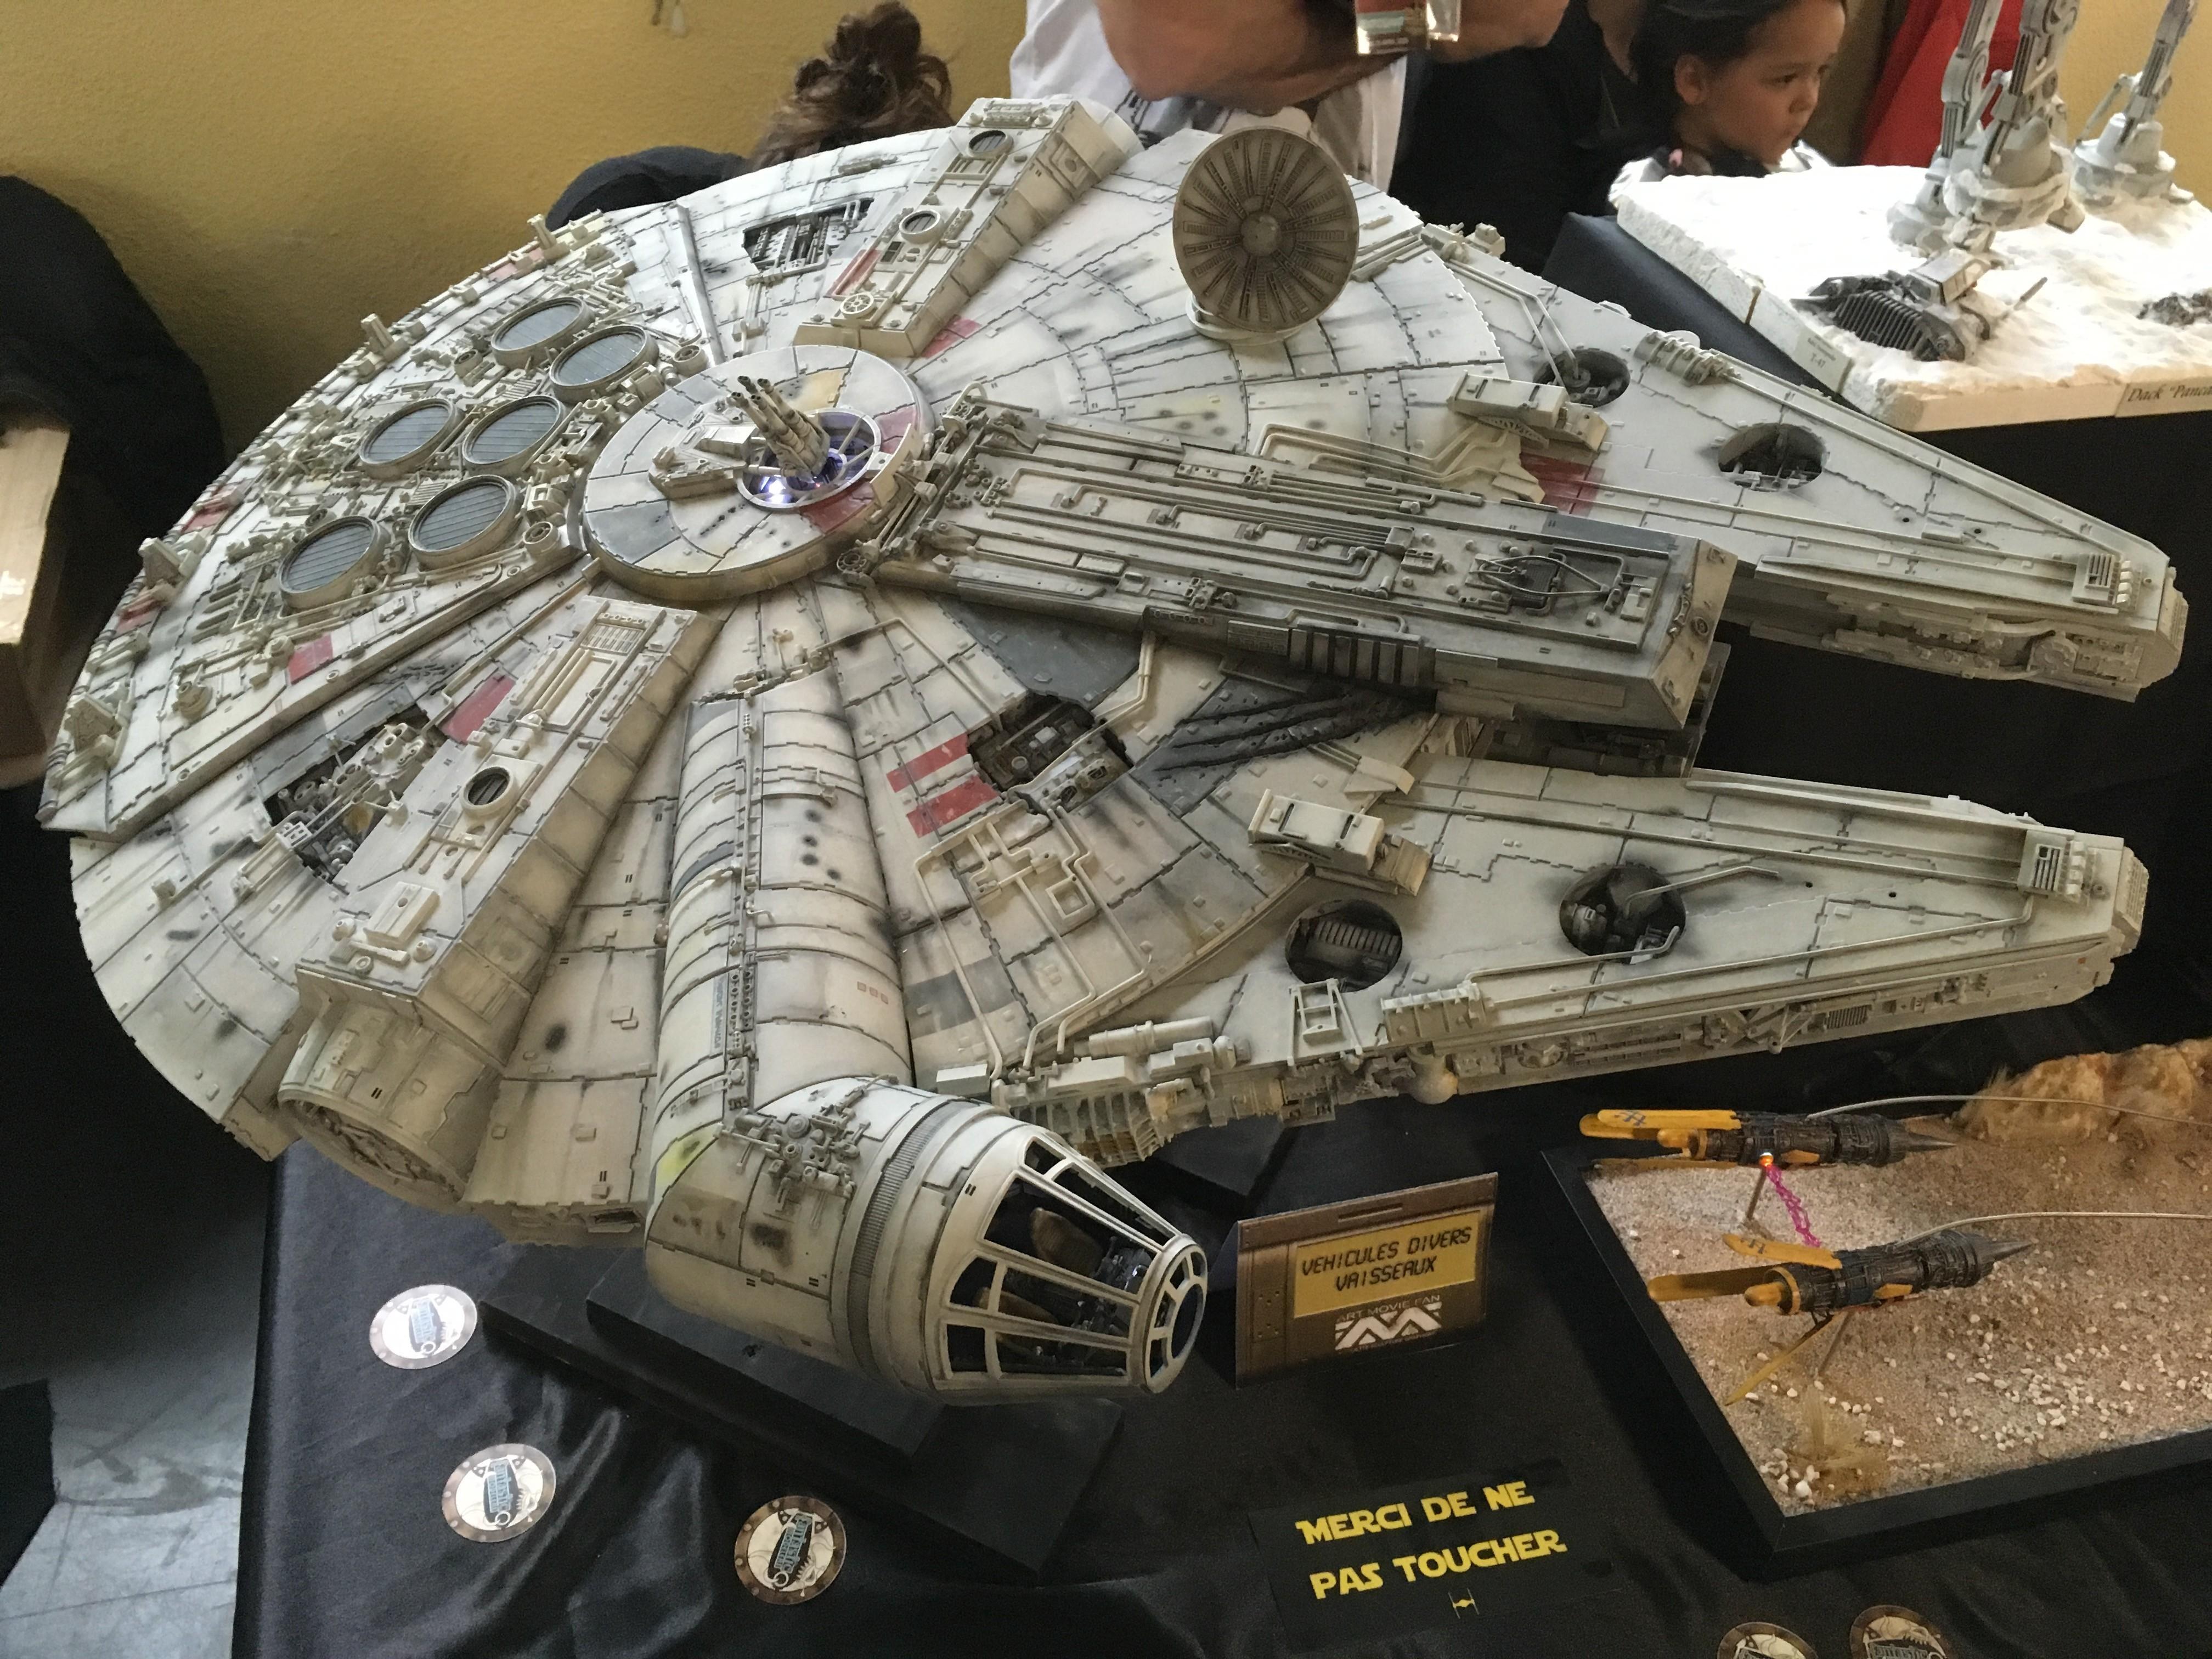 Générations Star Wars et SF 20ème édition - Cusset - 28 et 29 avril 2018 AAWNyA